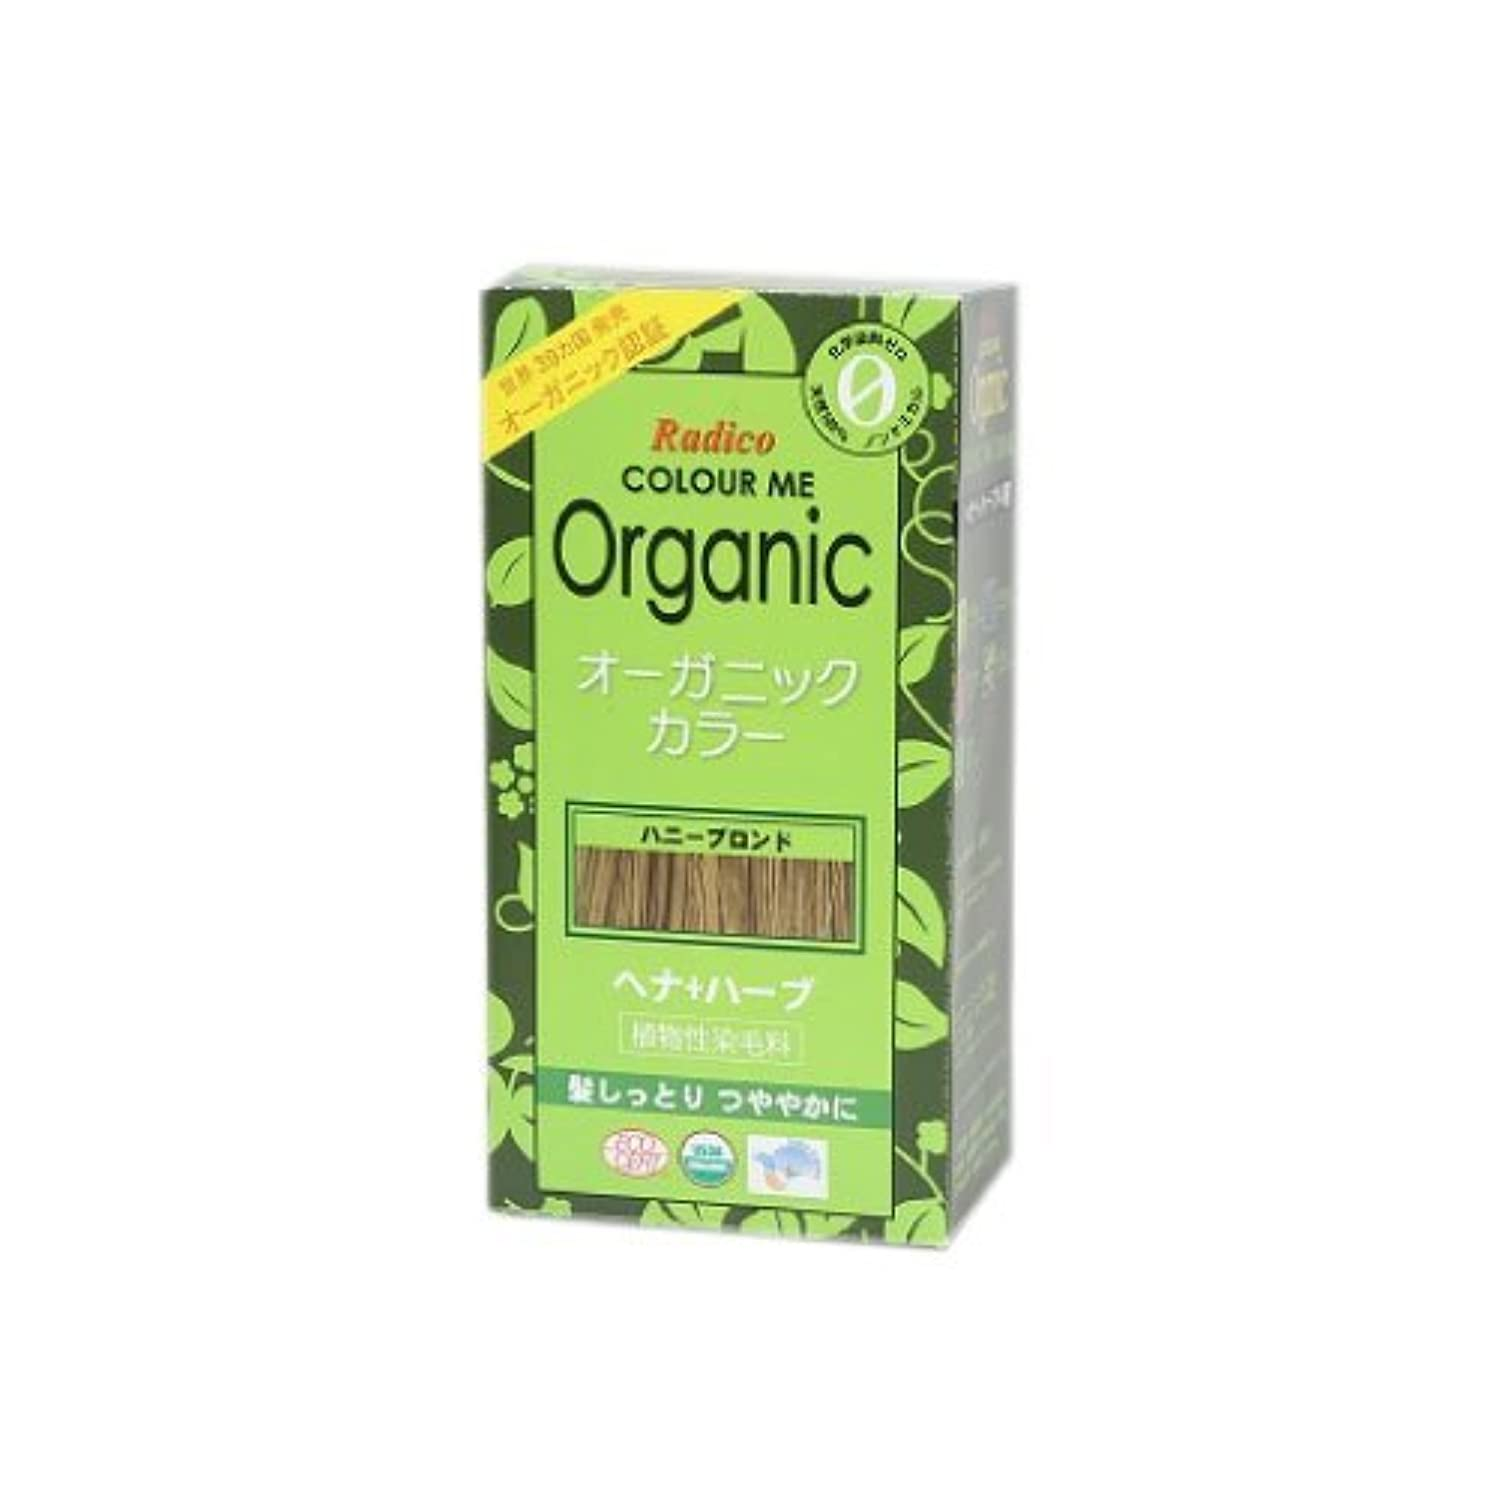 出します排泄する長方形COLOURME Organic (カラーミーオーガニック ヘナ 白髪用) ハニーブロンド 100g